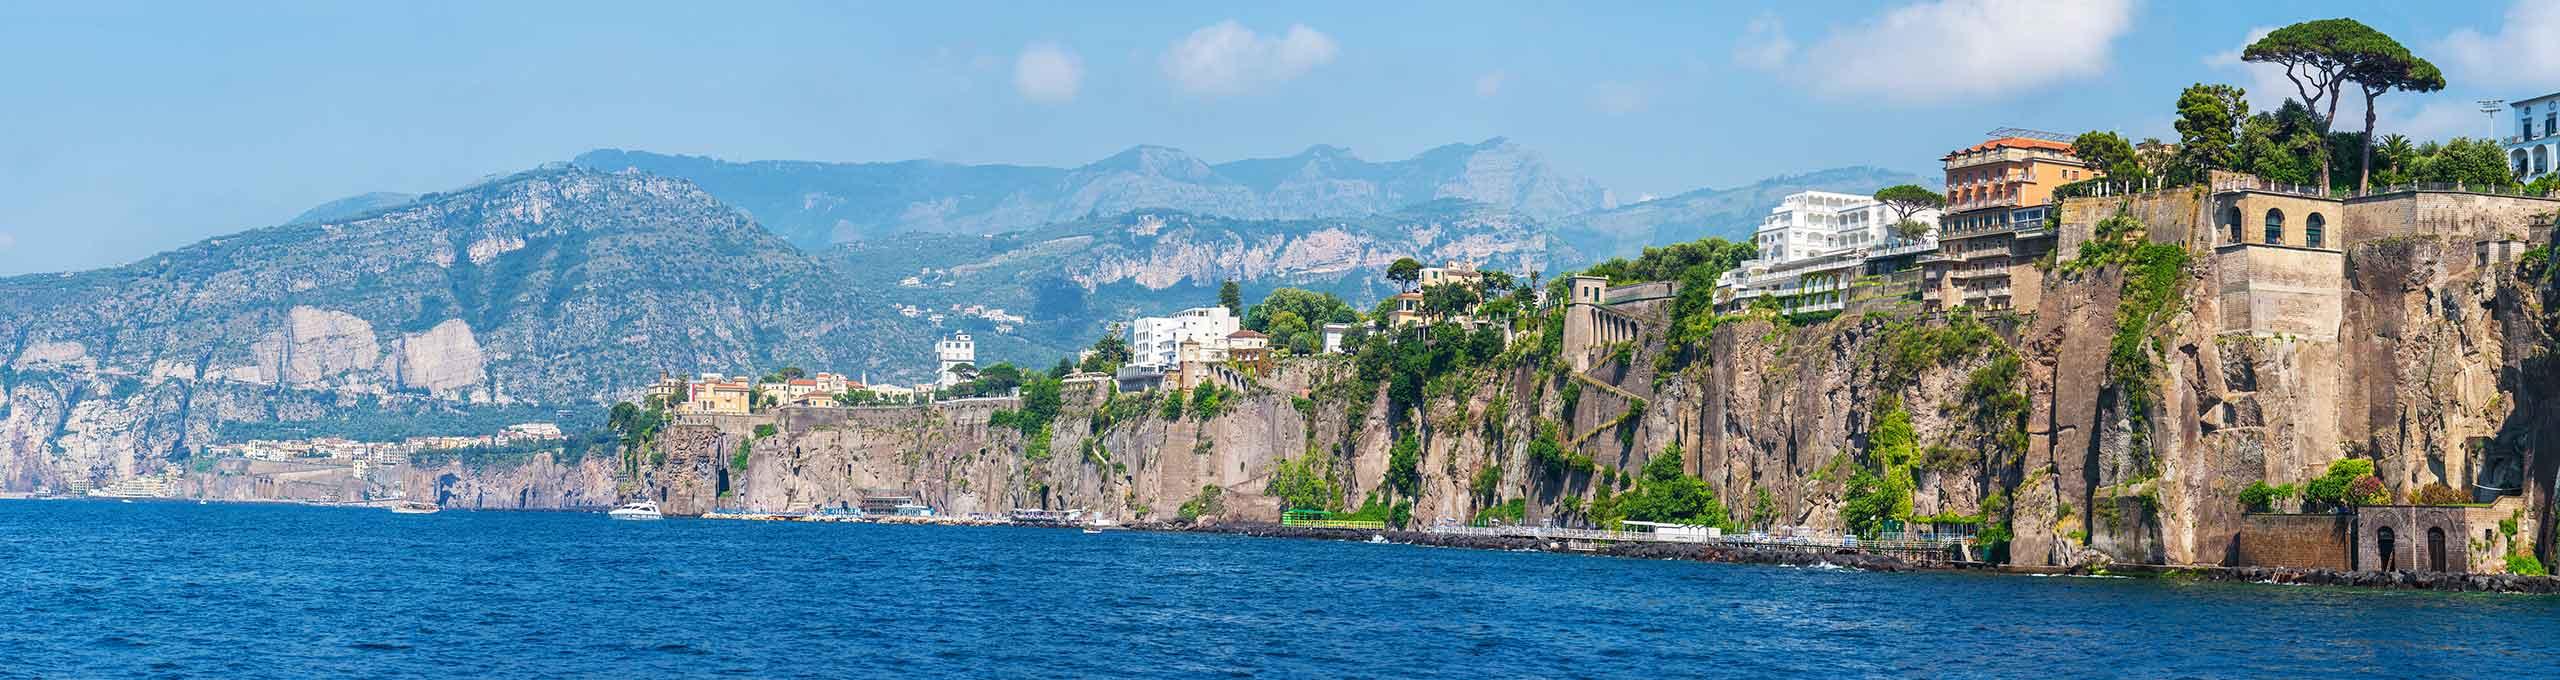 Panorama-su Sant'Agnello, Golfo di Montechiaro, Sorrento